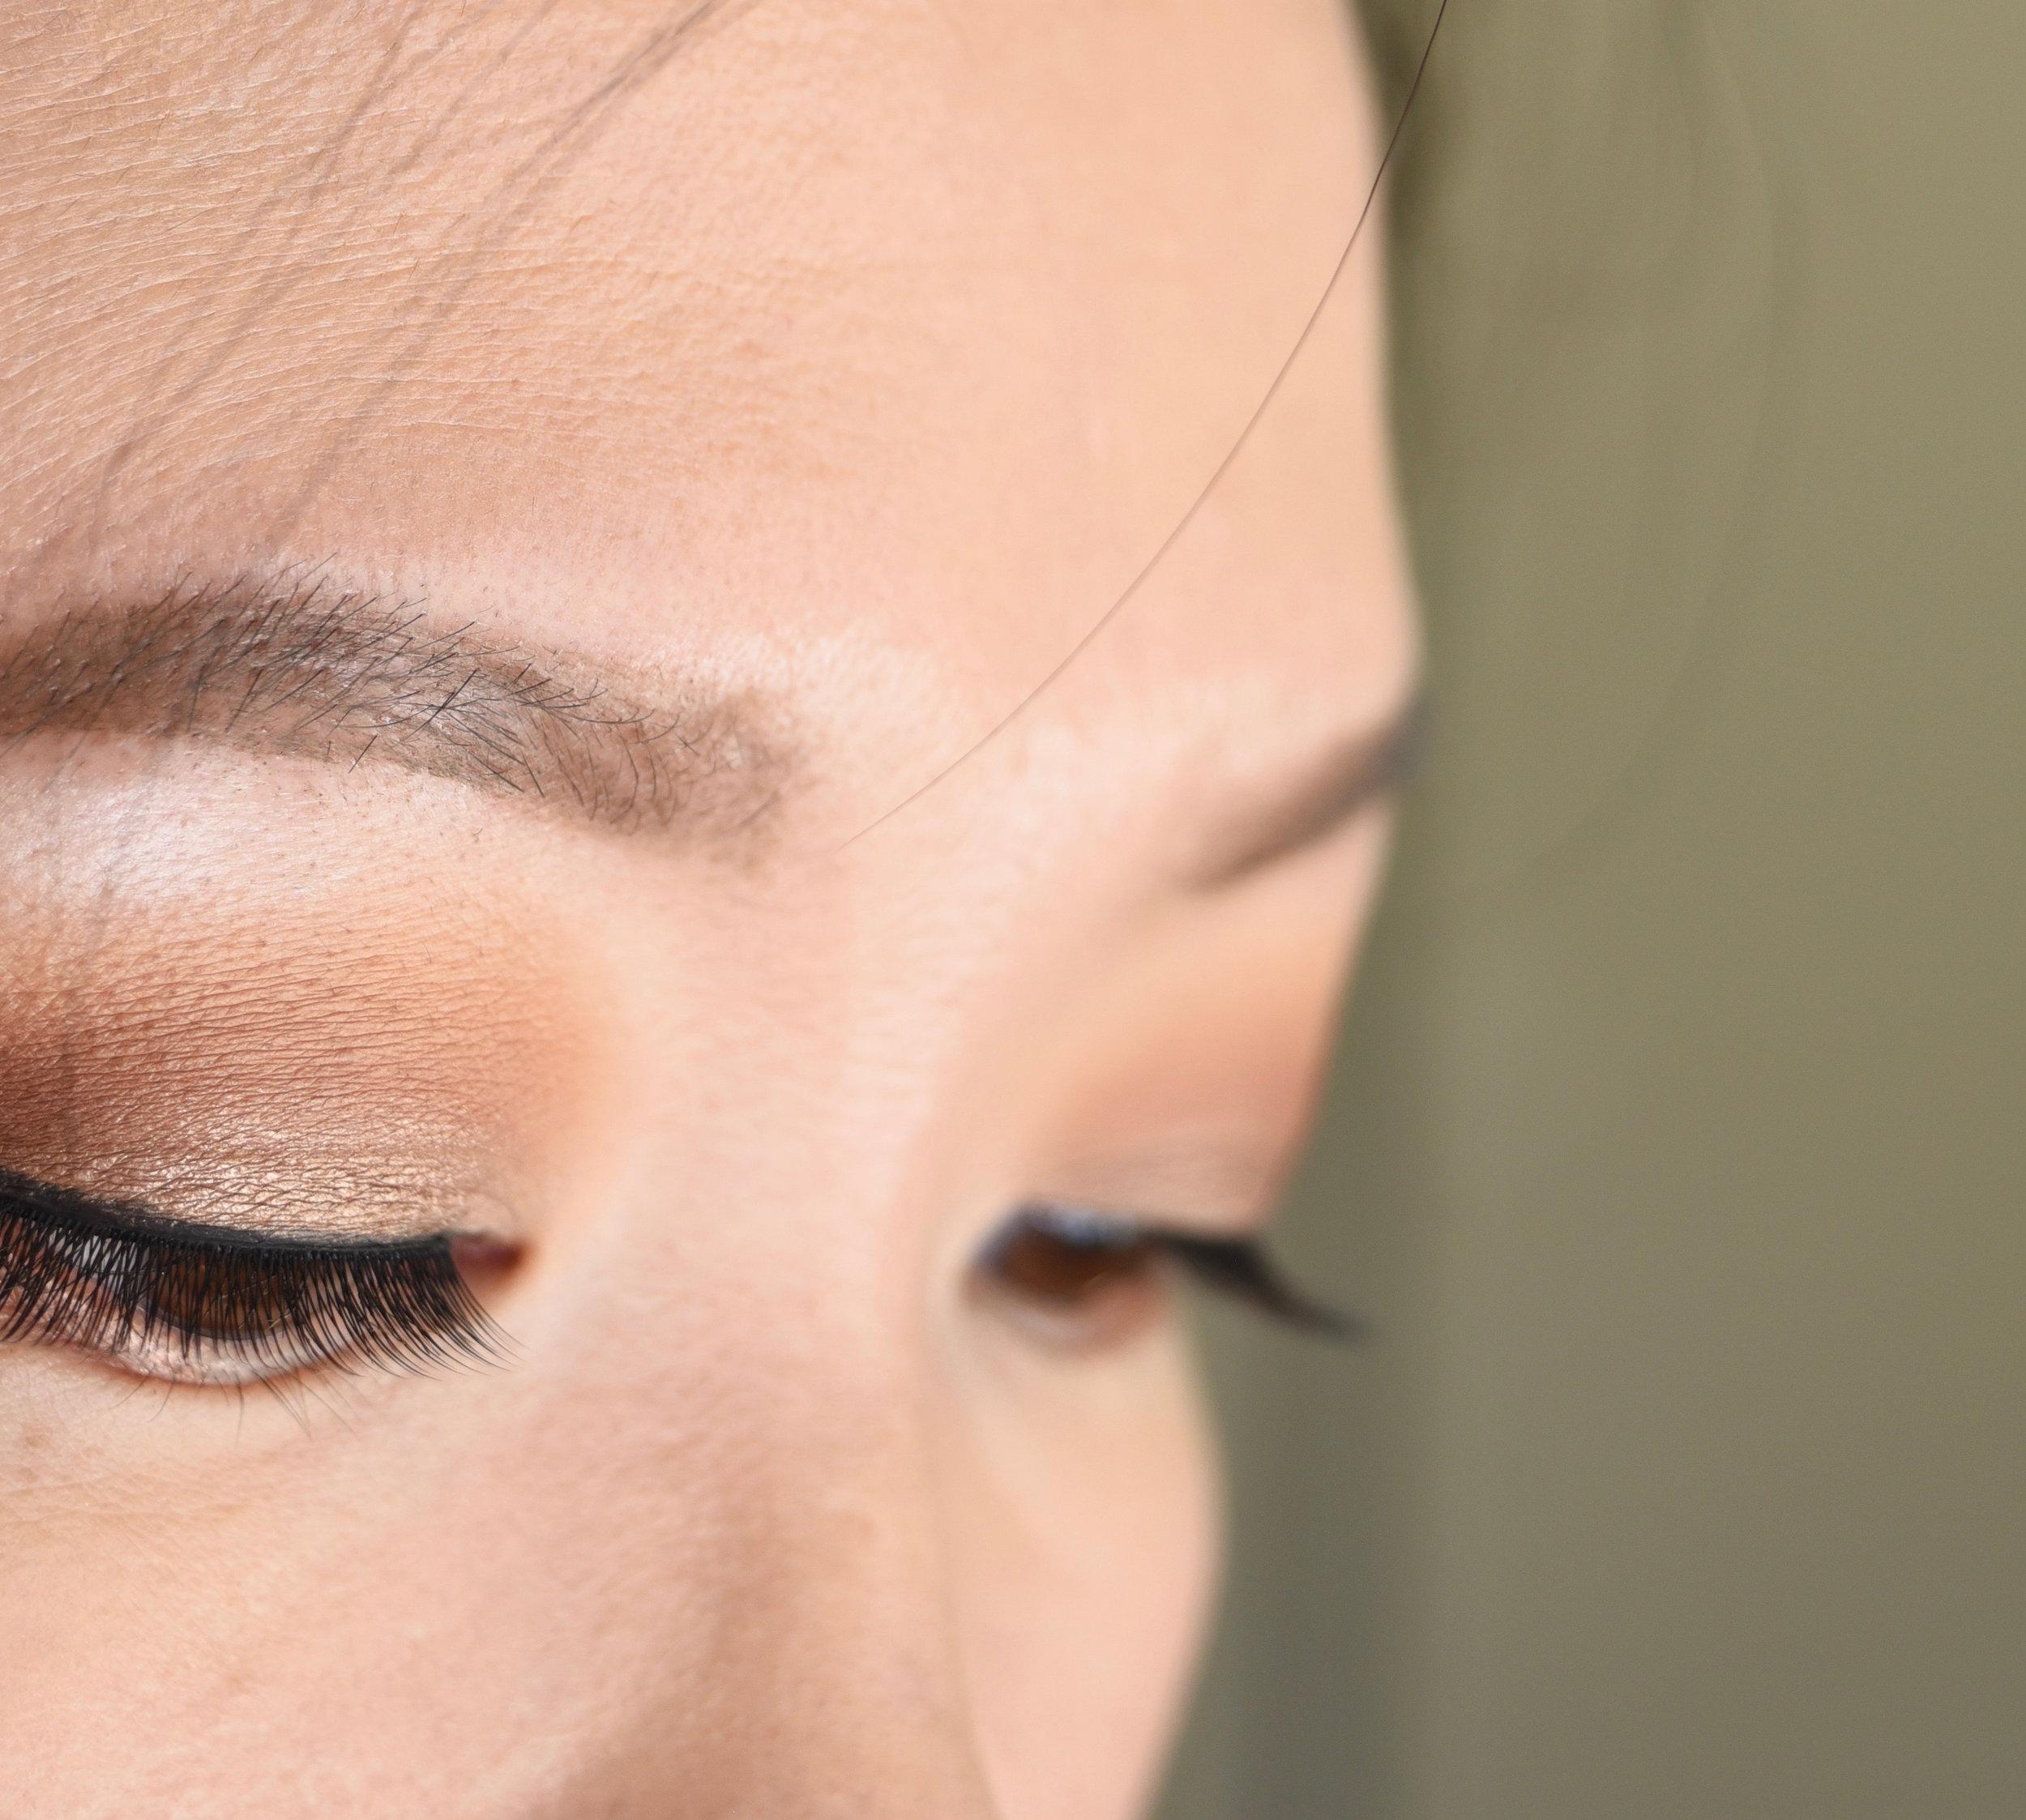 Morphe Jaclyn Hill Review for Asian Eyes__DSC_7919.jpg